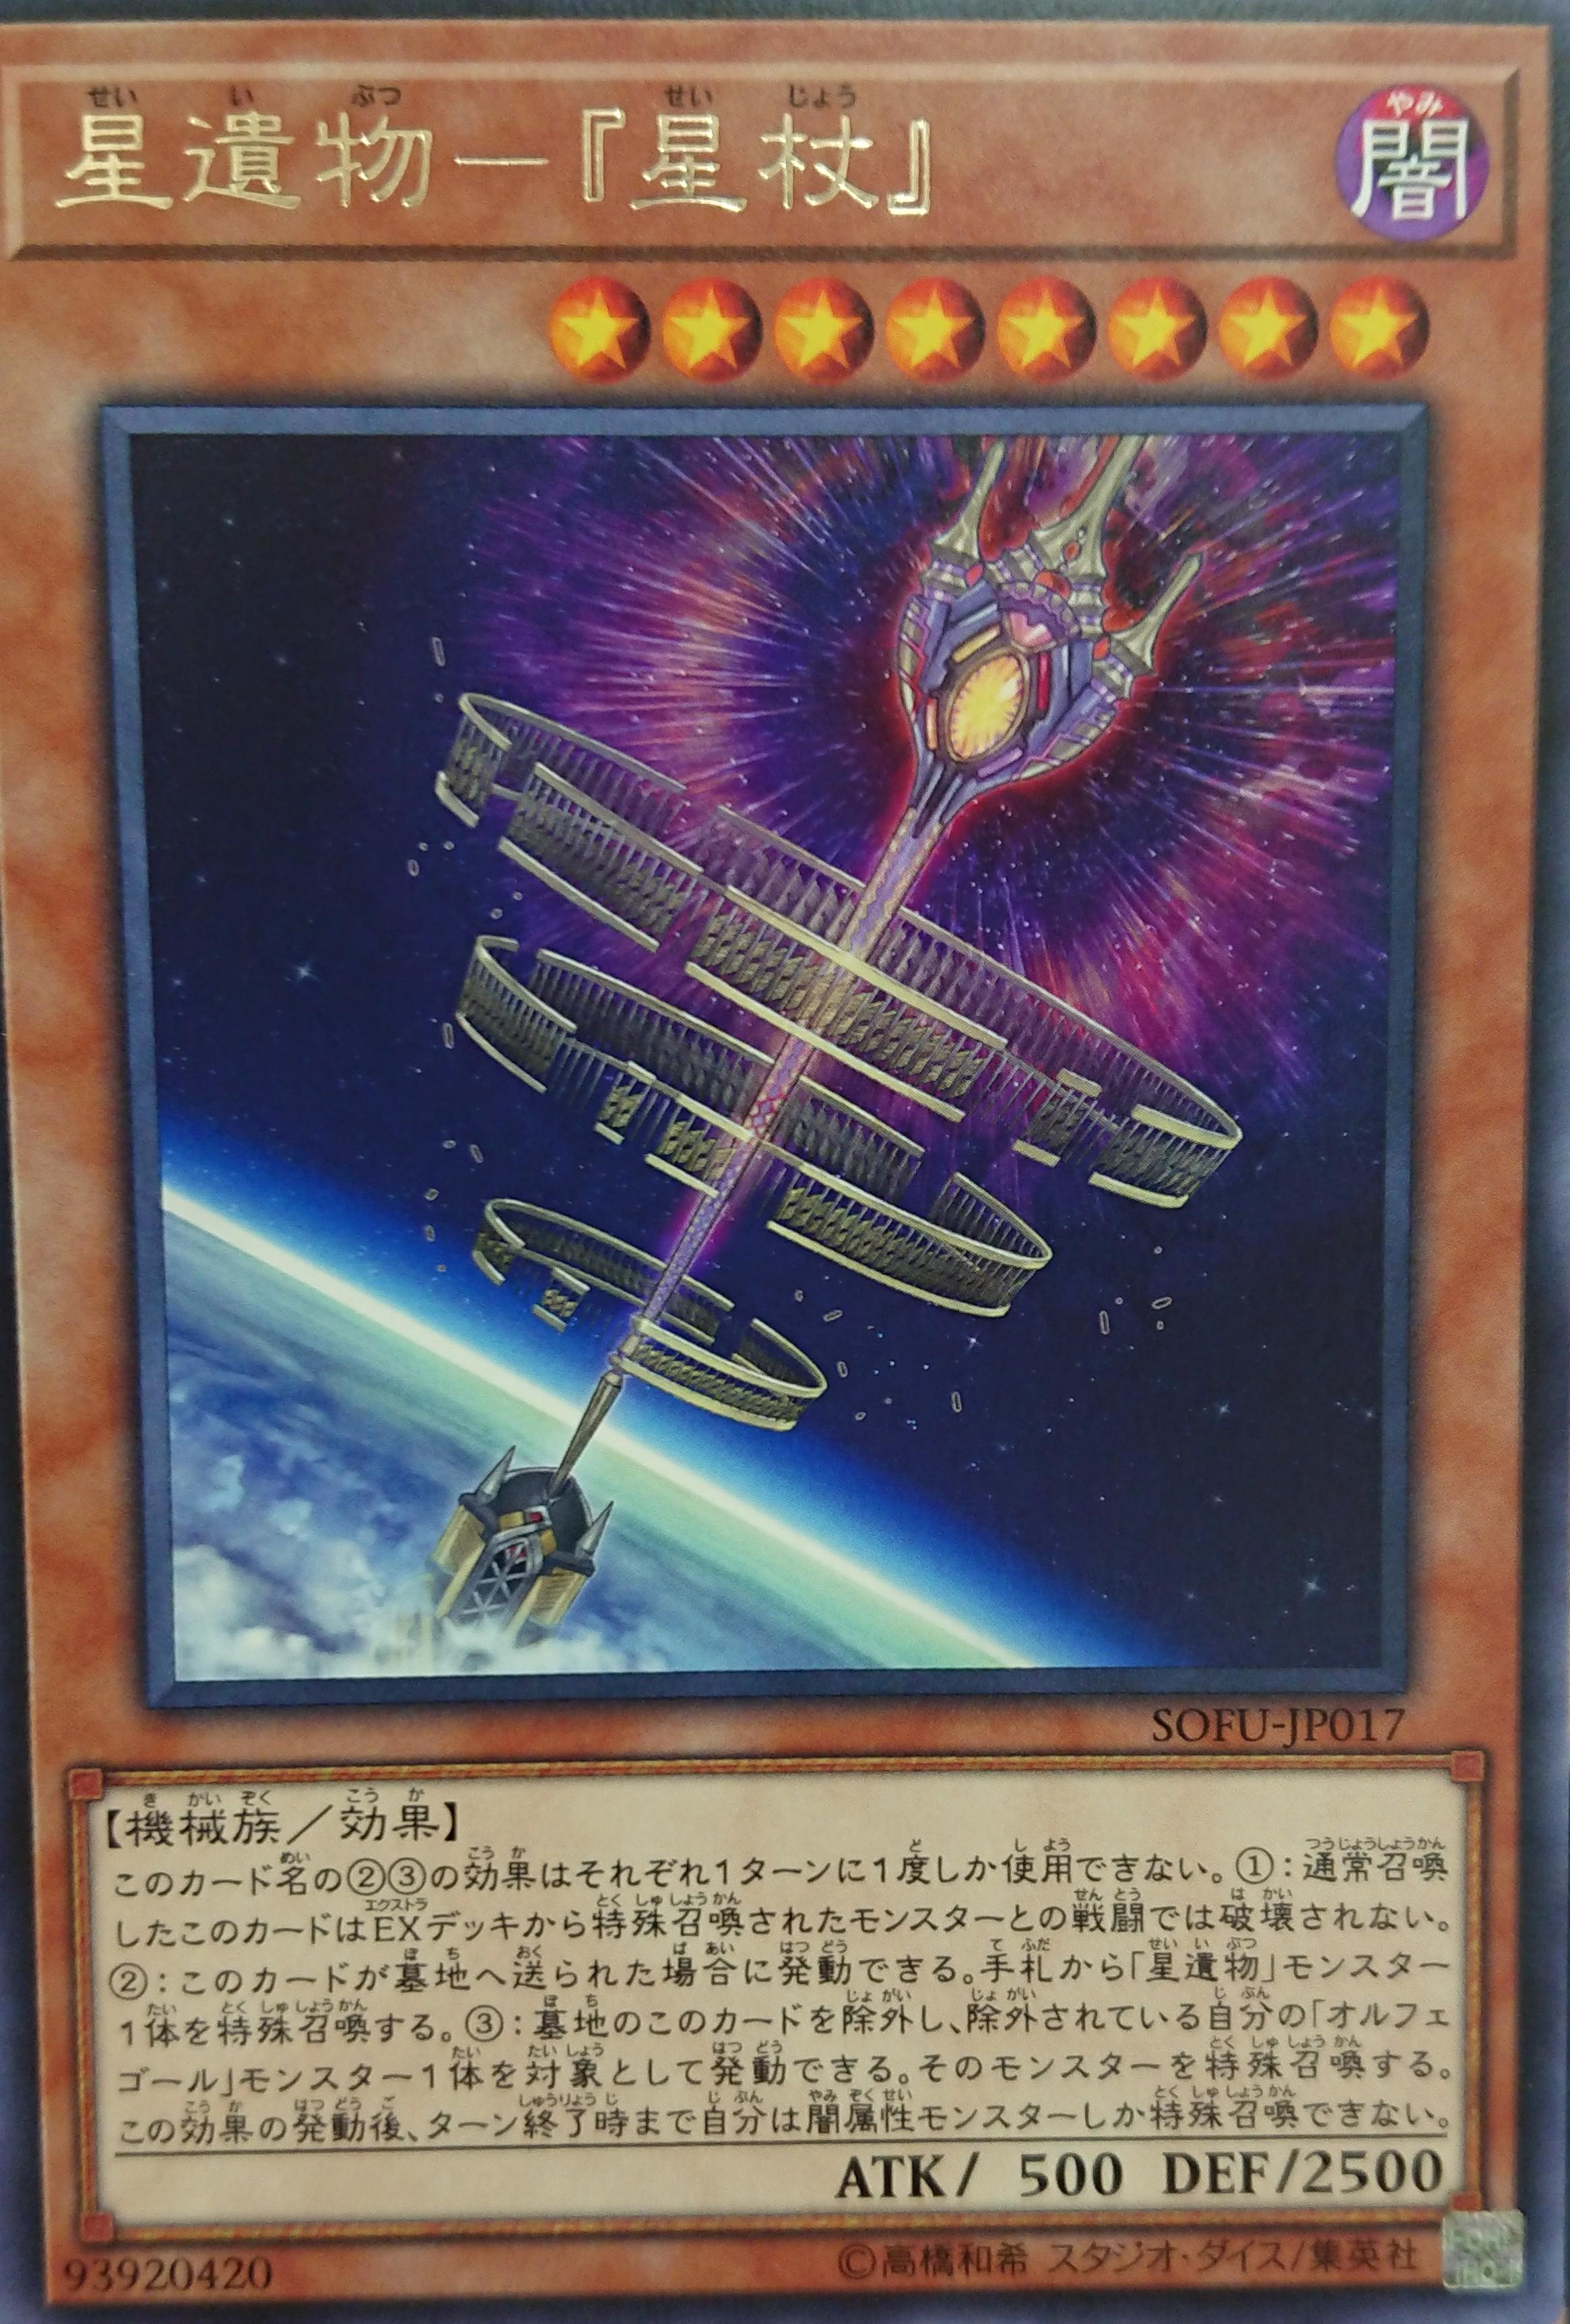 Νέες Κυκλοφορίες στο Yu-Gi-Oh! OCG - Σελίδα 26 World-Legacy-Seijou